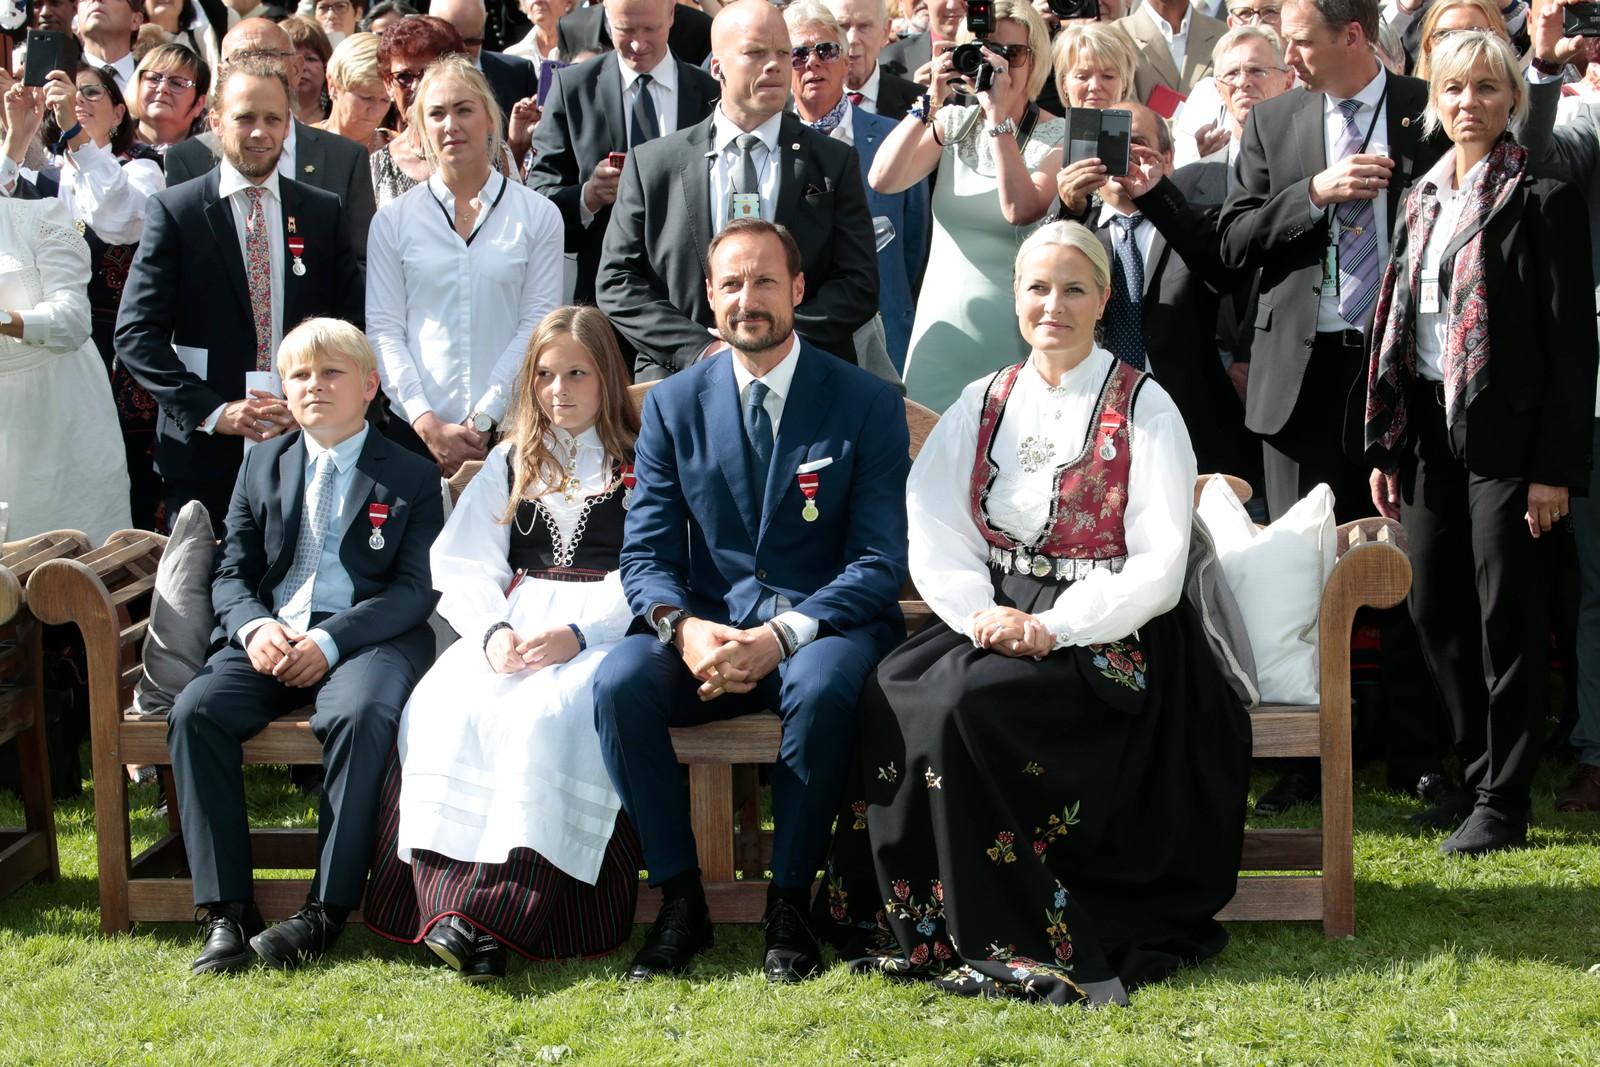 Kronprinsparet var til stede under hagefesten. Her er de under kong Haralds tale.